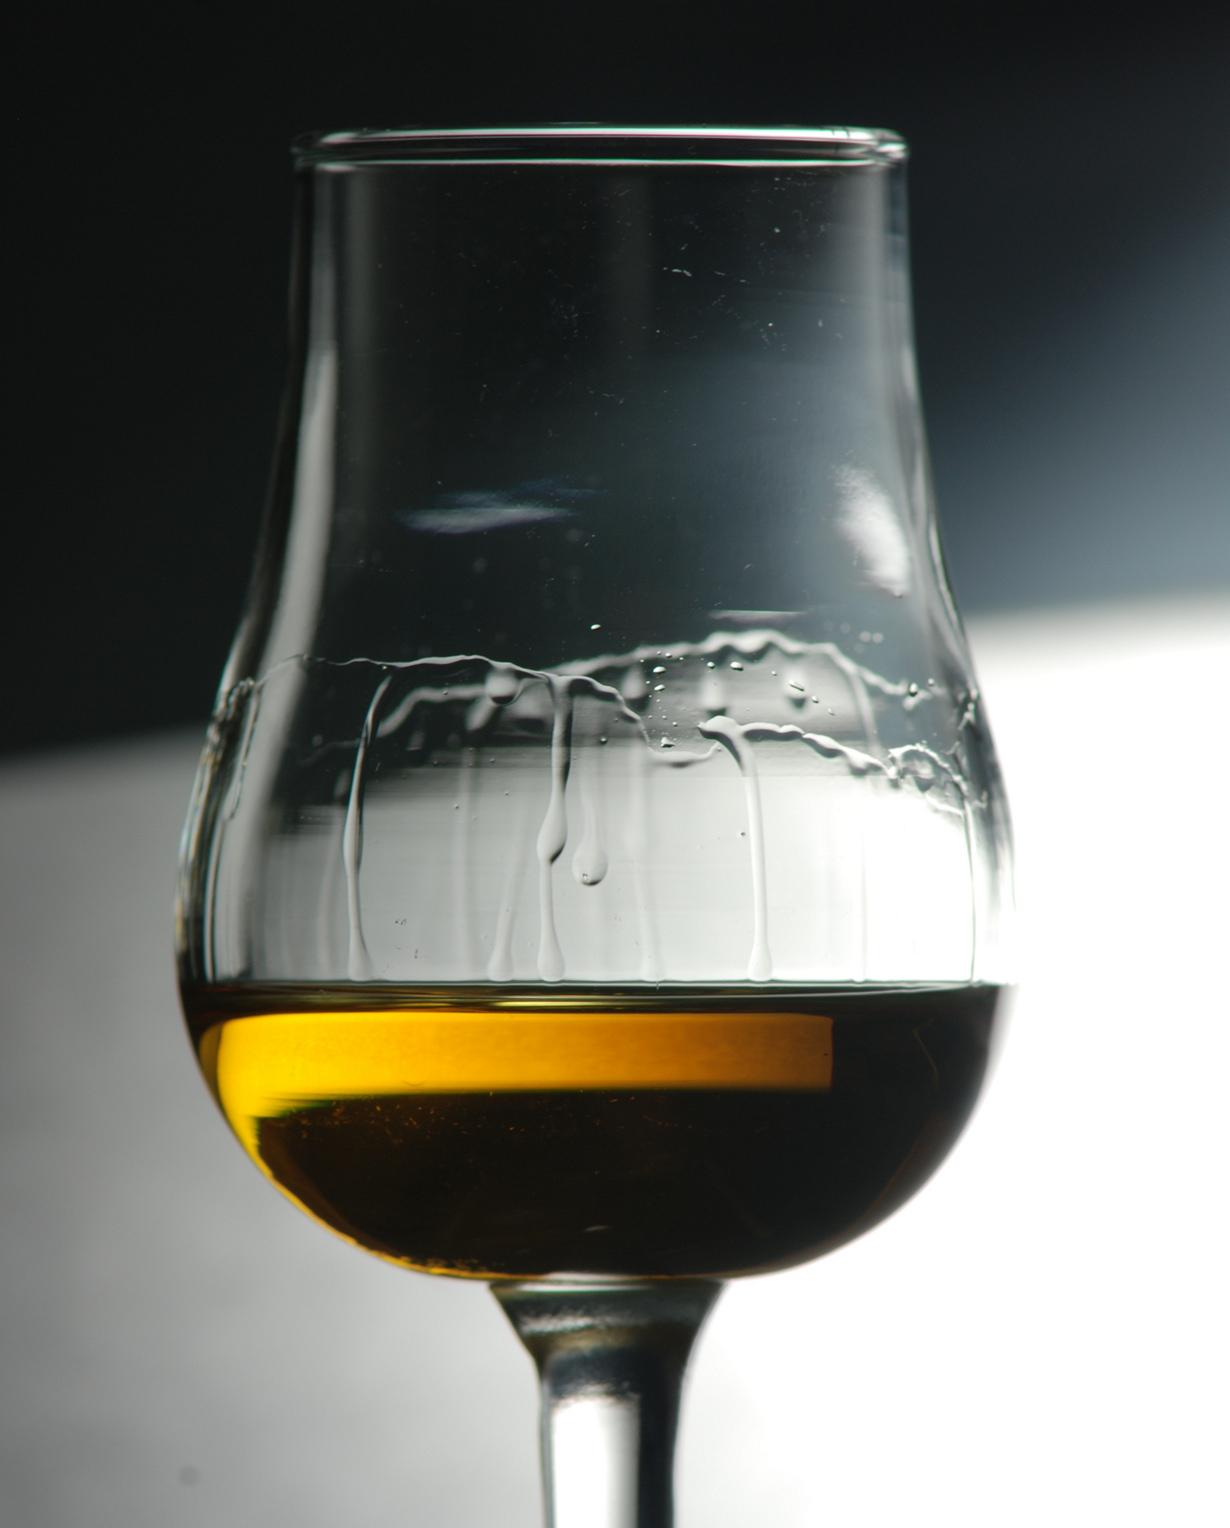 Sven Cipido/CC BY-NC-ND 2.0 6. Виски может выдерживать предельно низкую температуру — полярники,